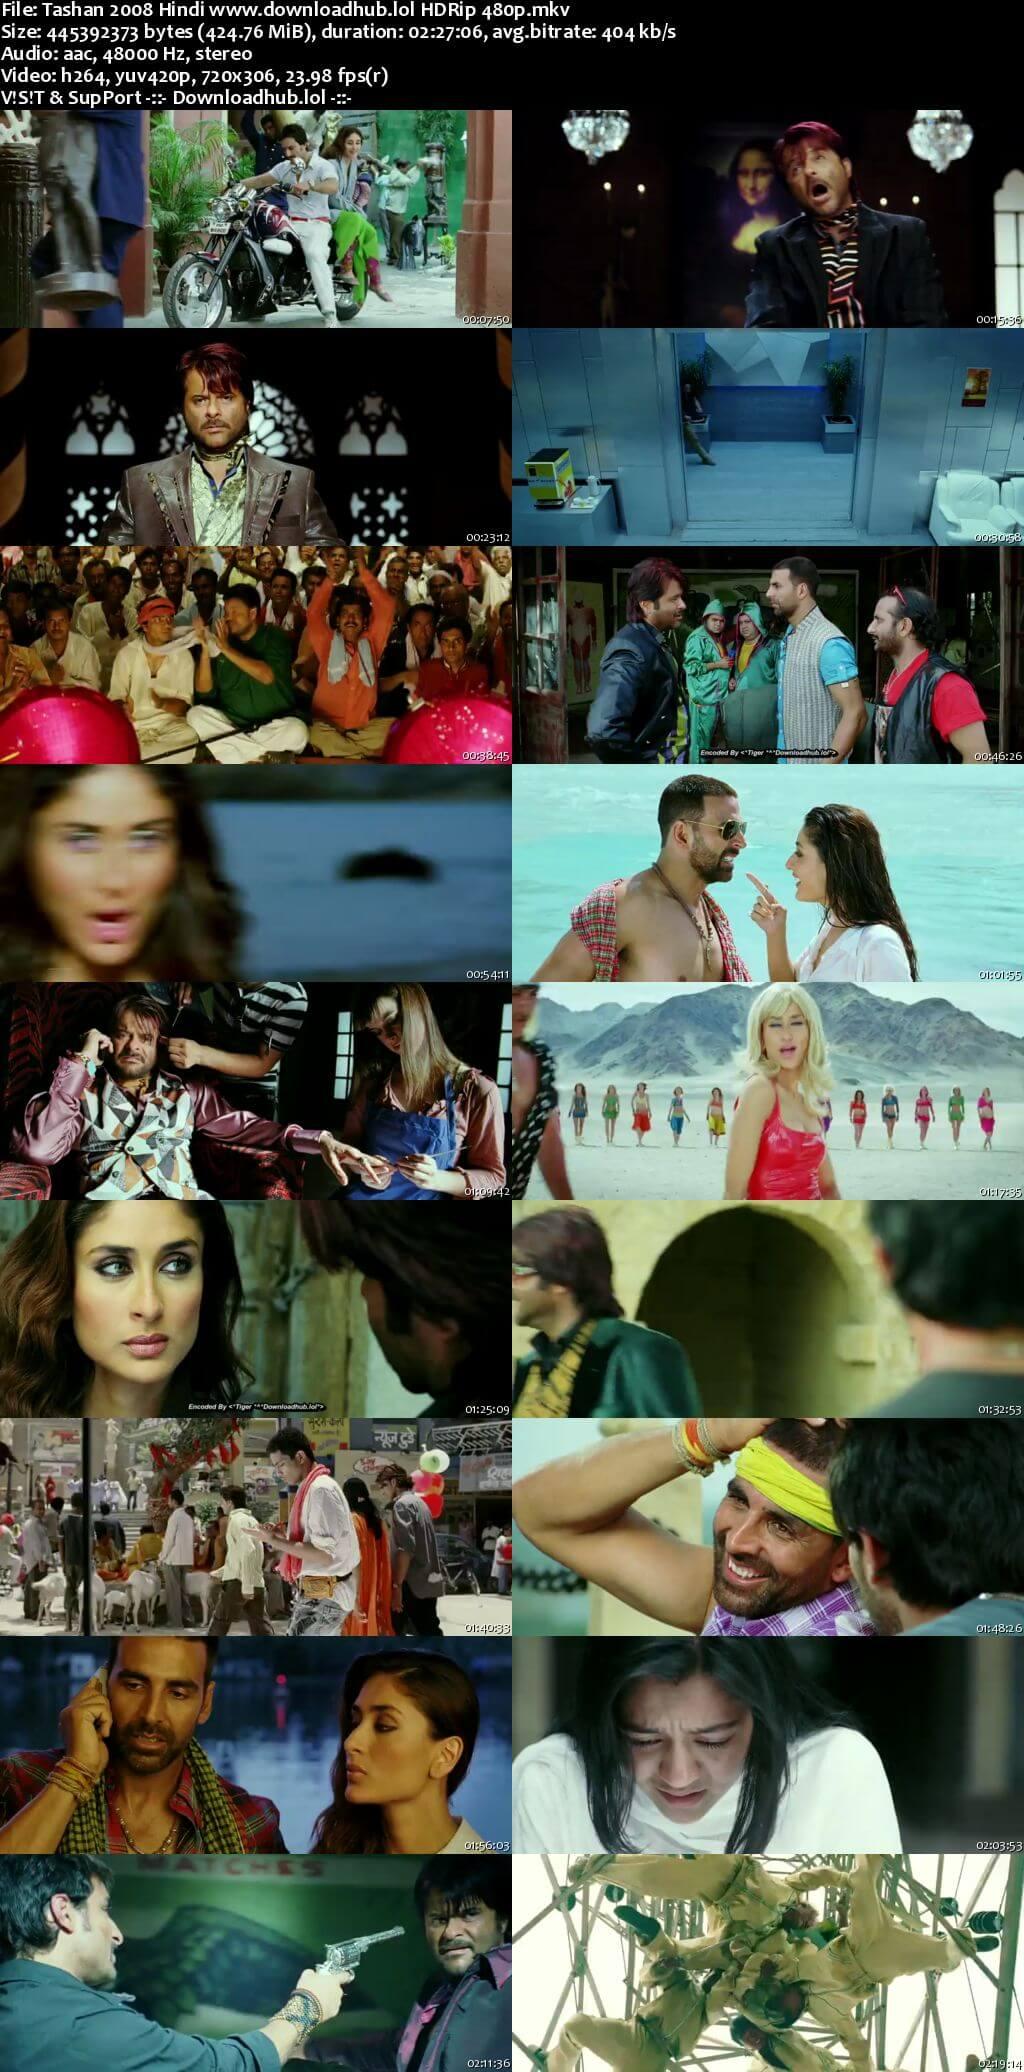 Tashan 2008 Hindi 400MB HDRip 480p